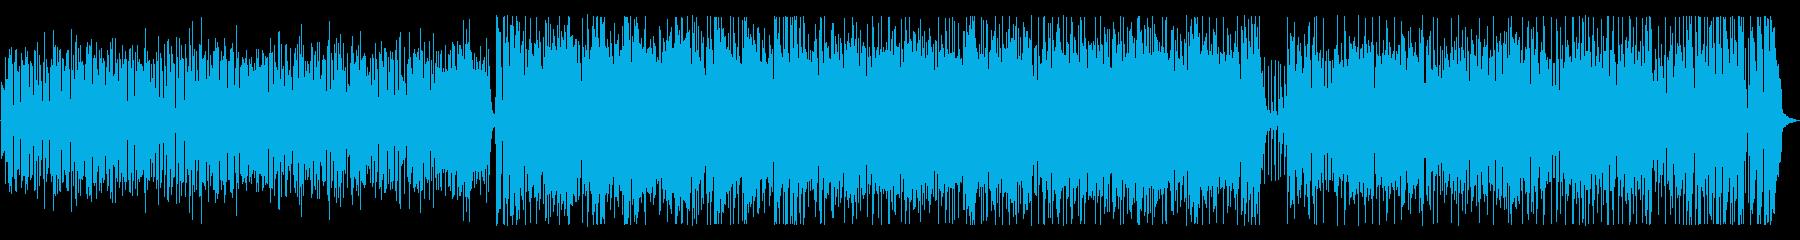 軽快なジャズフュージョンの再生済みの波形